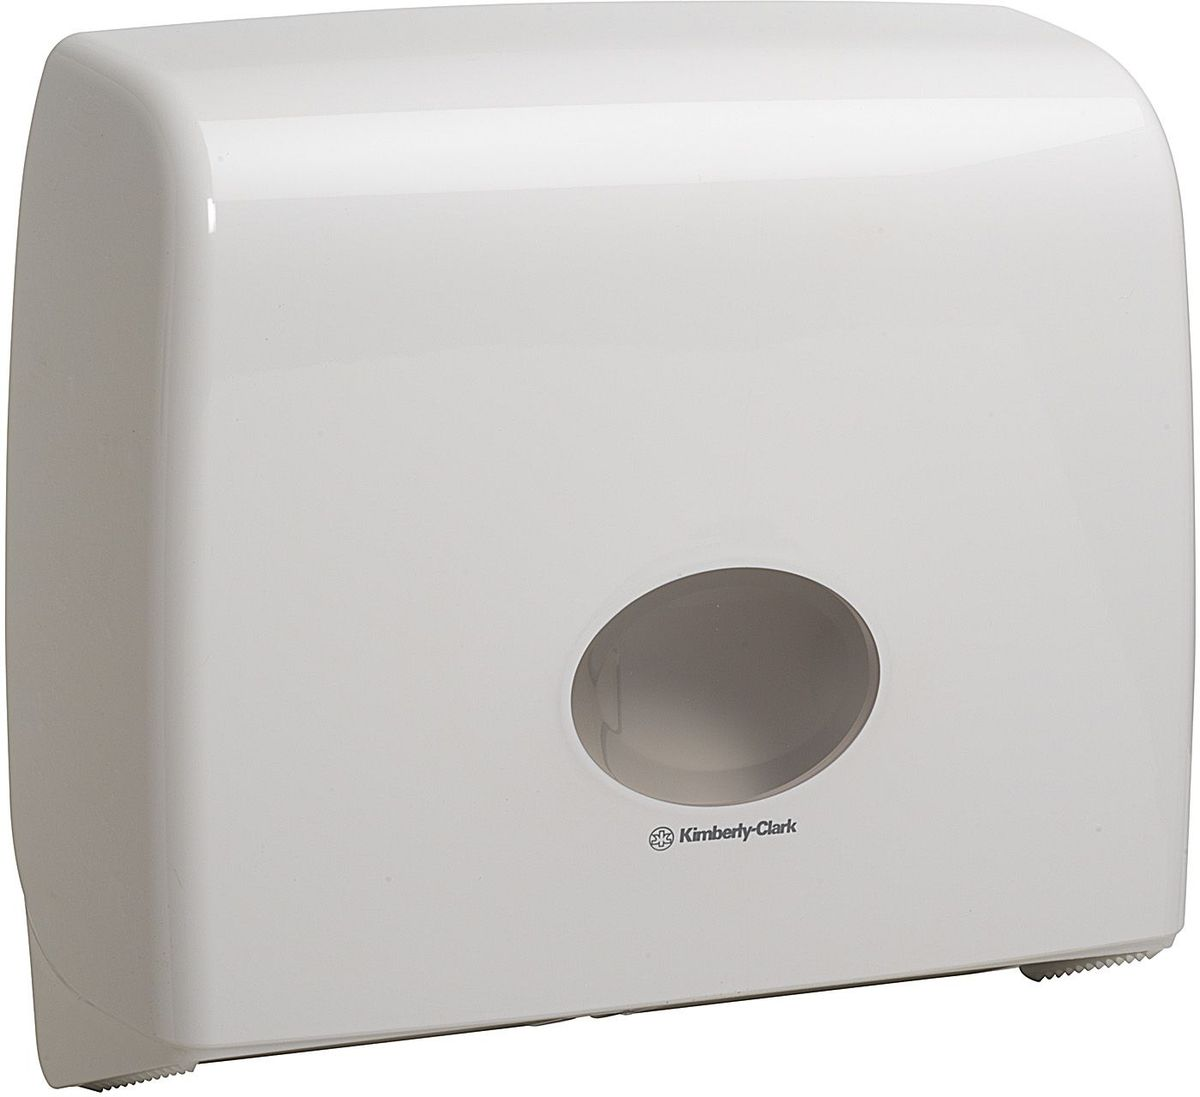 Диспенсер для туалетной бумаги Aquarius Jumbo, большой рулон, цвет: белый. 6991531-105Ассортимент диспенсеров для рулонной туалетной бумаги, которые выполнены в одном стиле с диспенсерами для мыла и для полотенец для рук. Диспенсеры мотивируют сотрудников соблюдать гигиенические нормы, повышают уровень комфорта, демонстрируют заботу о персонале и помогают сократить расходы. Идеальное решение, обеспечивающее подачу рулонной туалетной бумаги из элегантного диспенсера в туалетных комнатах с высокой проходимостью, легкая загрузка, практичное, гигиеничное и экономичное решение.Формат поставки: диспенсер современного дизайна, обтекаемой формы, обеспечивающий быструю заправку; белое глянцевое, легко очищаемое покрытие; отсутствие мест скопления пыли и грязи; смотровое окно для контроля за расходными материалами; возможность выбора цветовых вставок в соответствие с интерьером конкретных туалетных комнат. Замена диспенсера 6987. Совместим с туалетной бумагой: 8440, 8442, 8446, 8449, 8474, 8484, 8517, 8519, 8559.